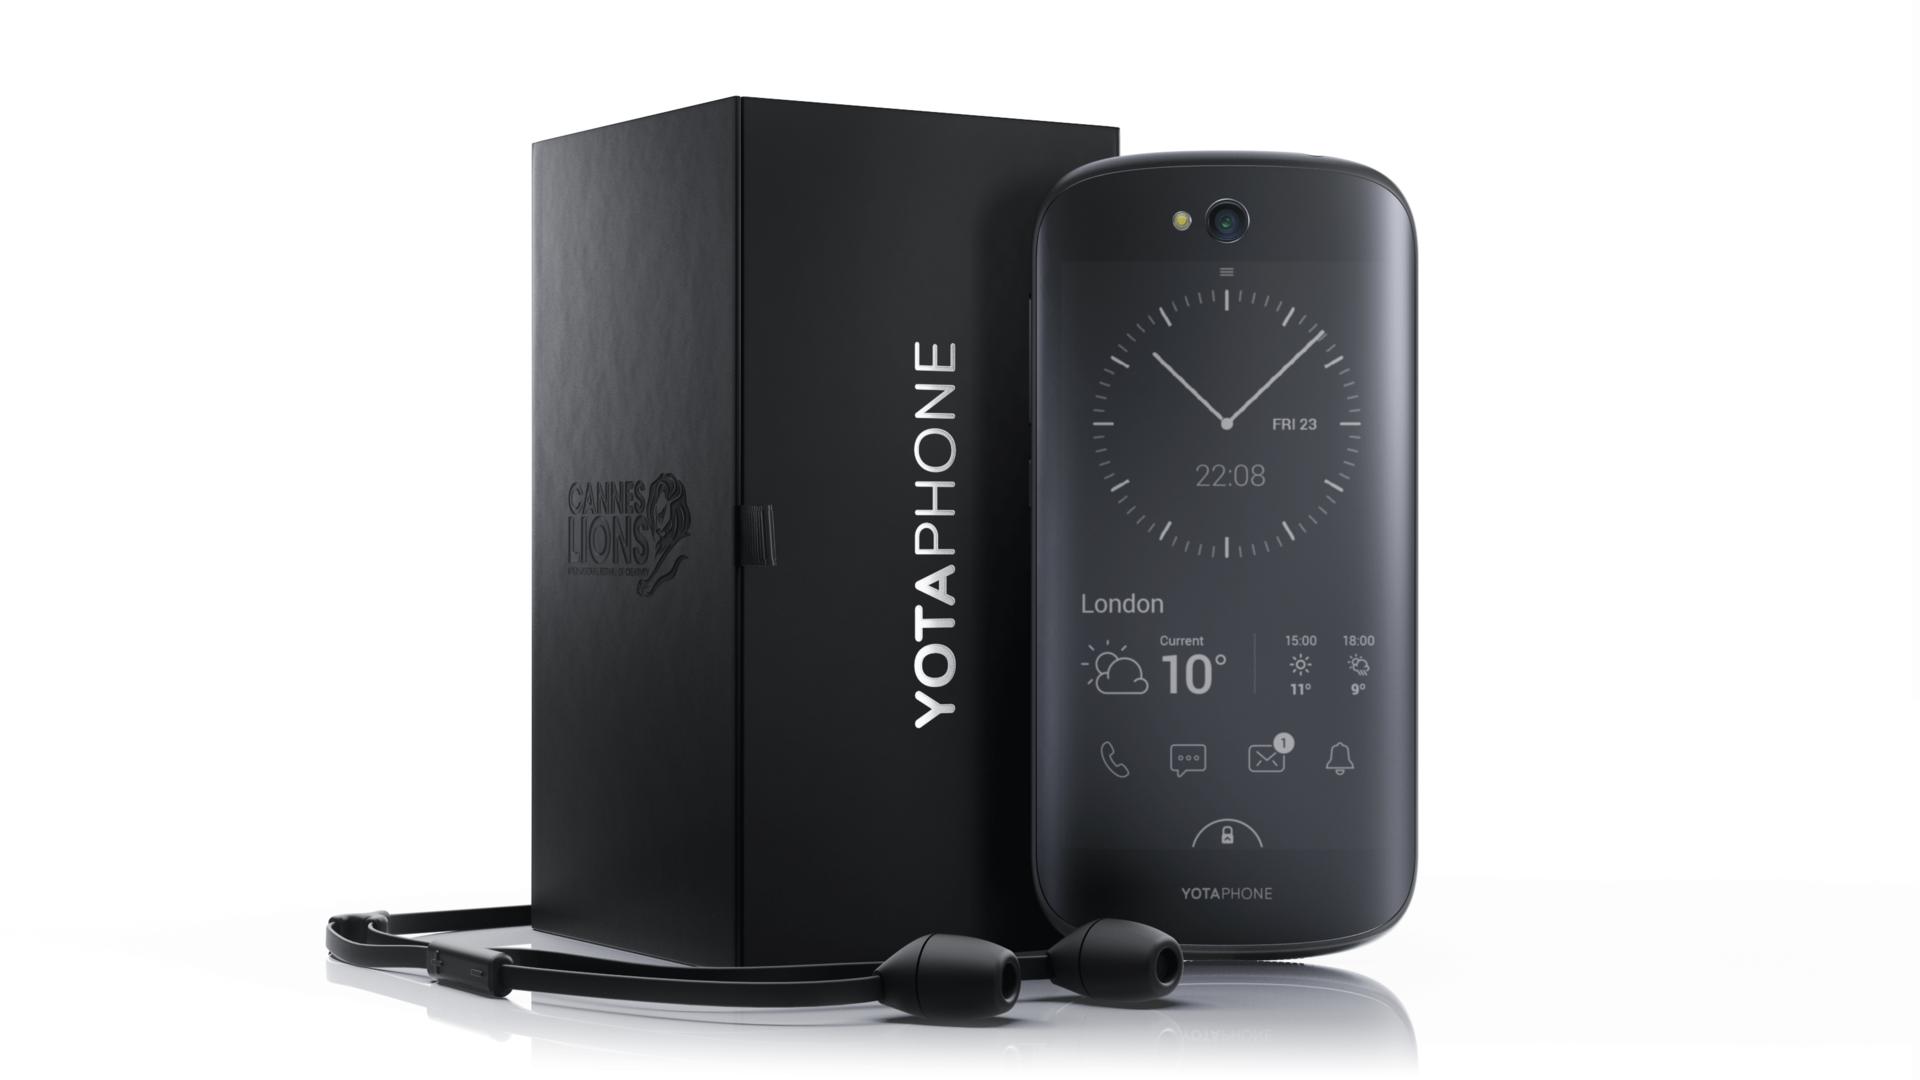 Презентация YotaPhone 2: похоже, у них получилось - 2